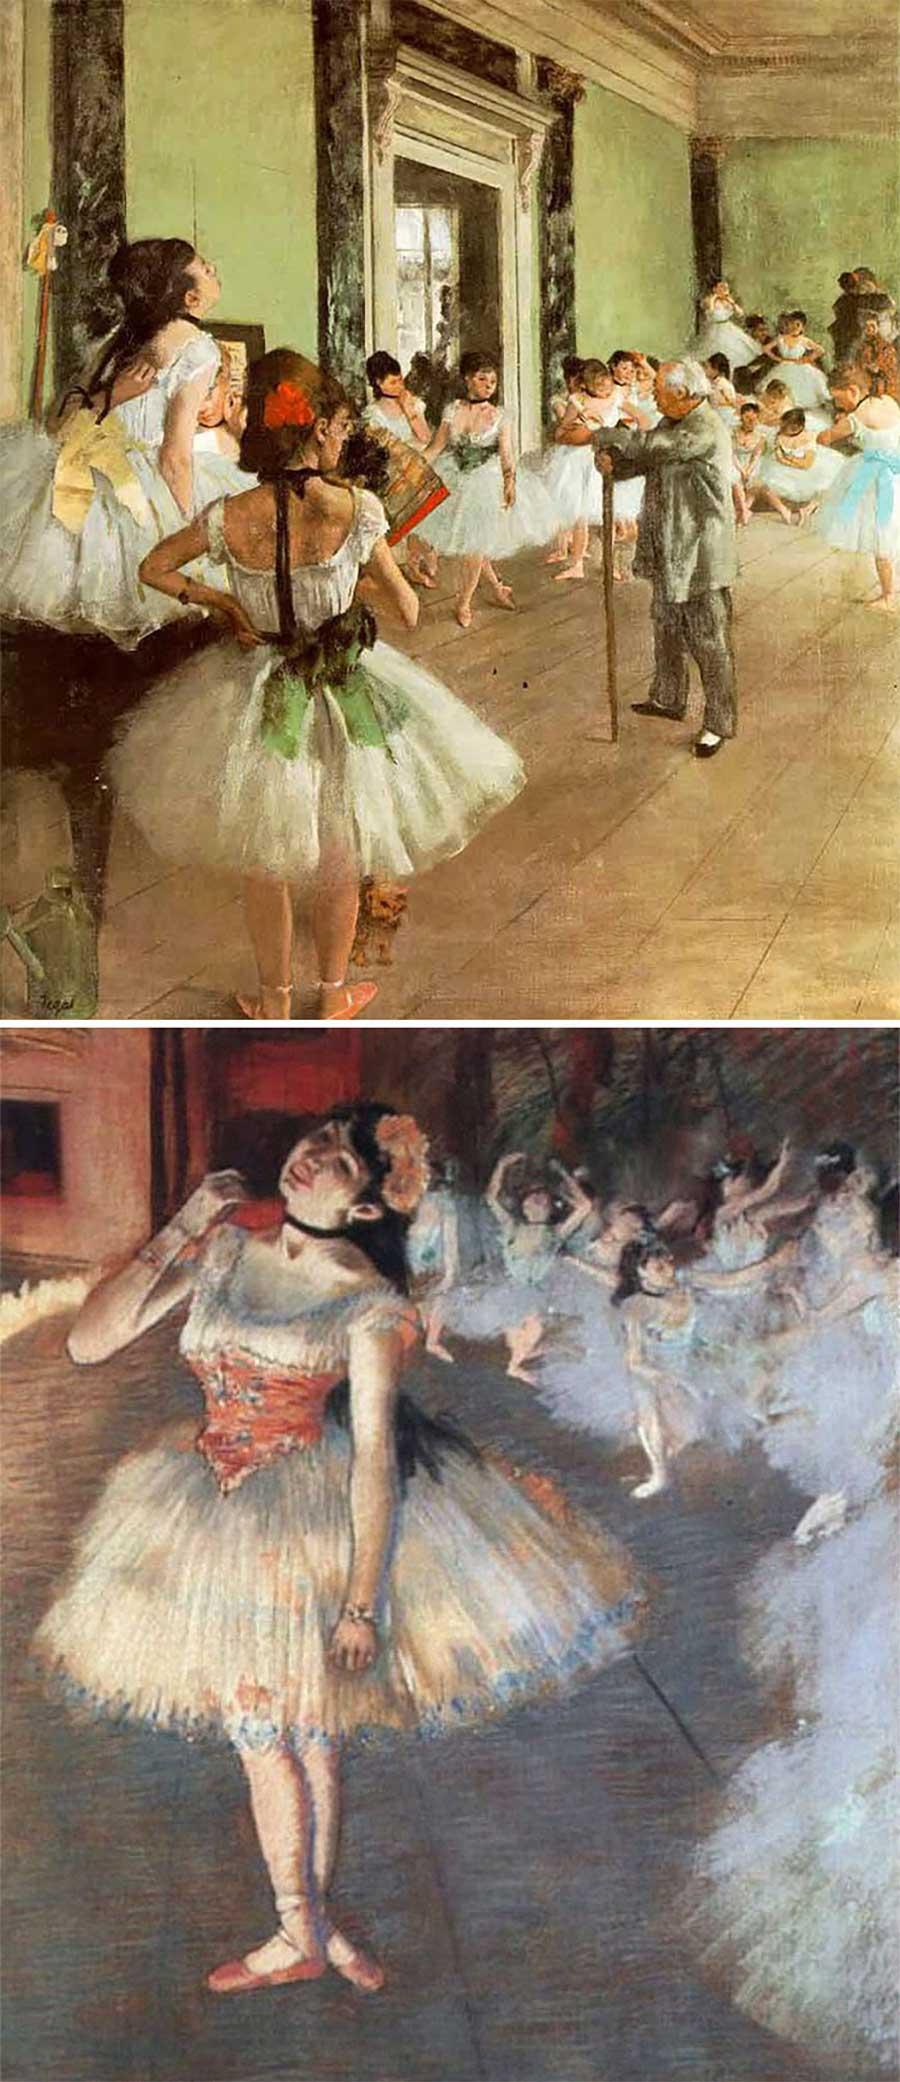 Ulkige Merkmale, woran man erkennen kann, welcher Künstler ein Gemälde gemalt hat gemaelde-malern-zuordnen-fun_08